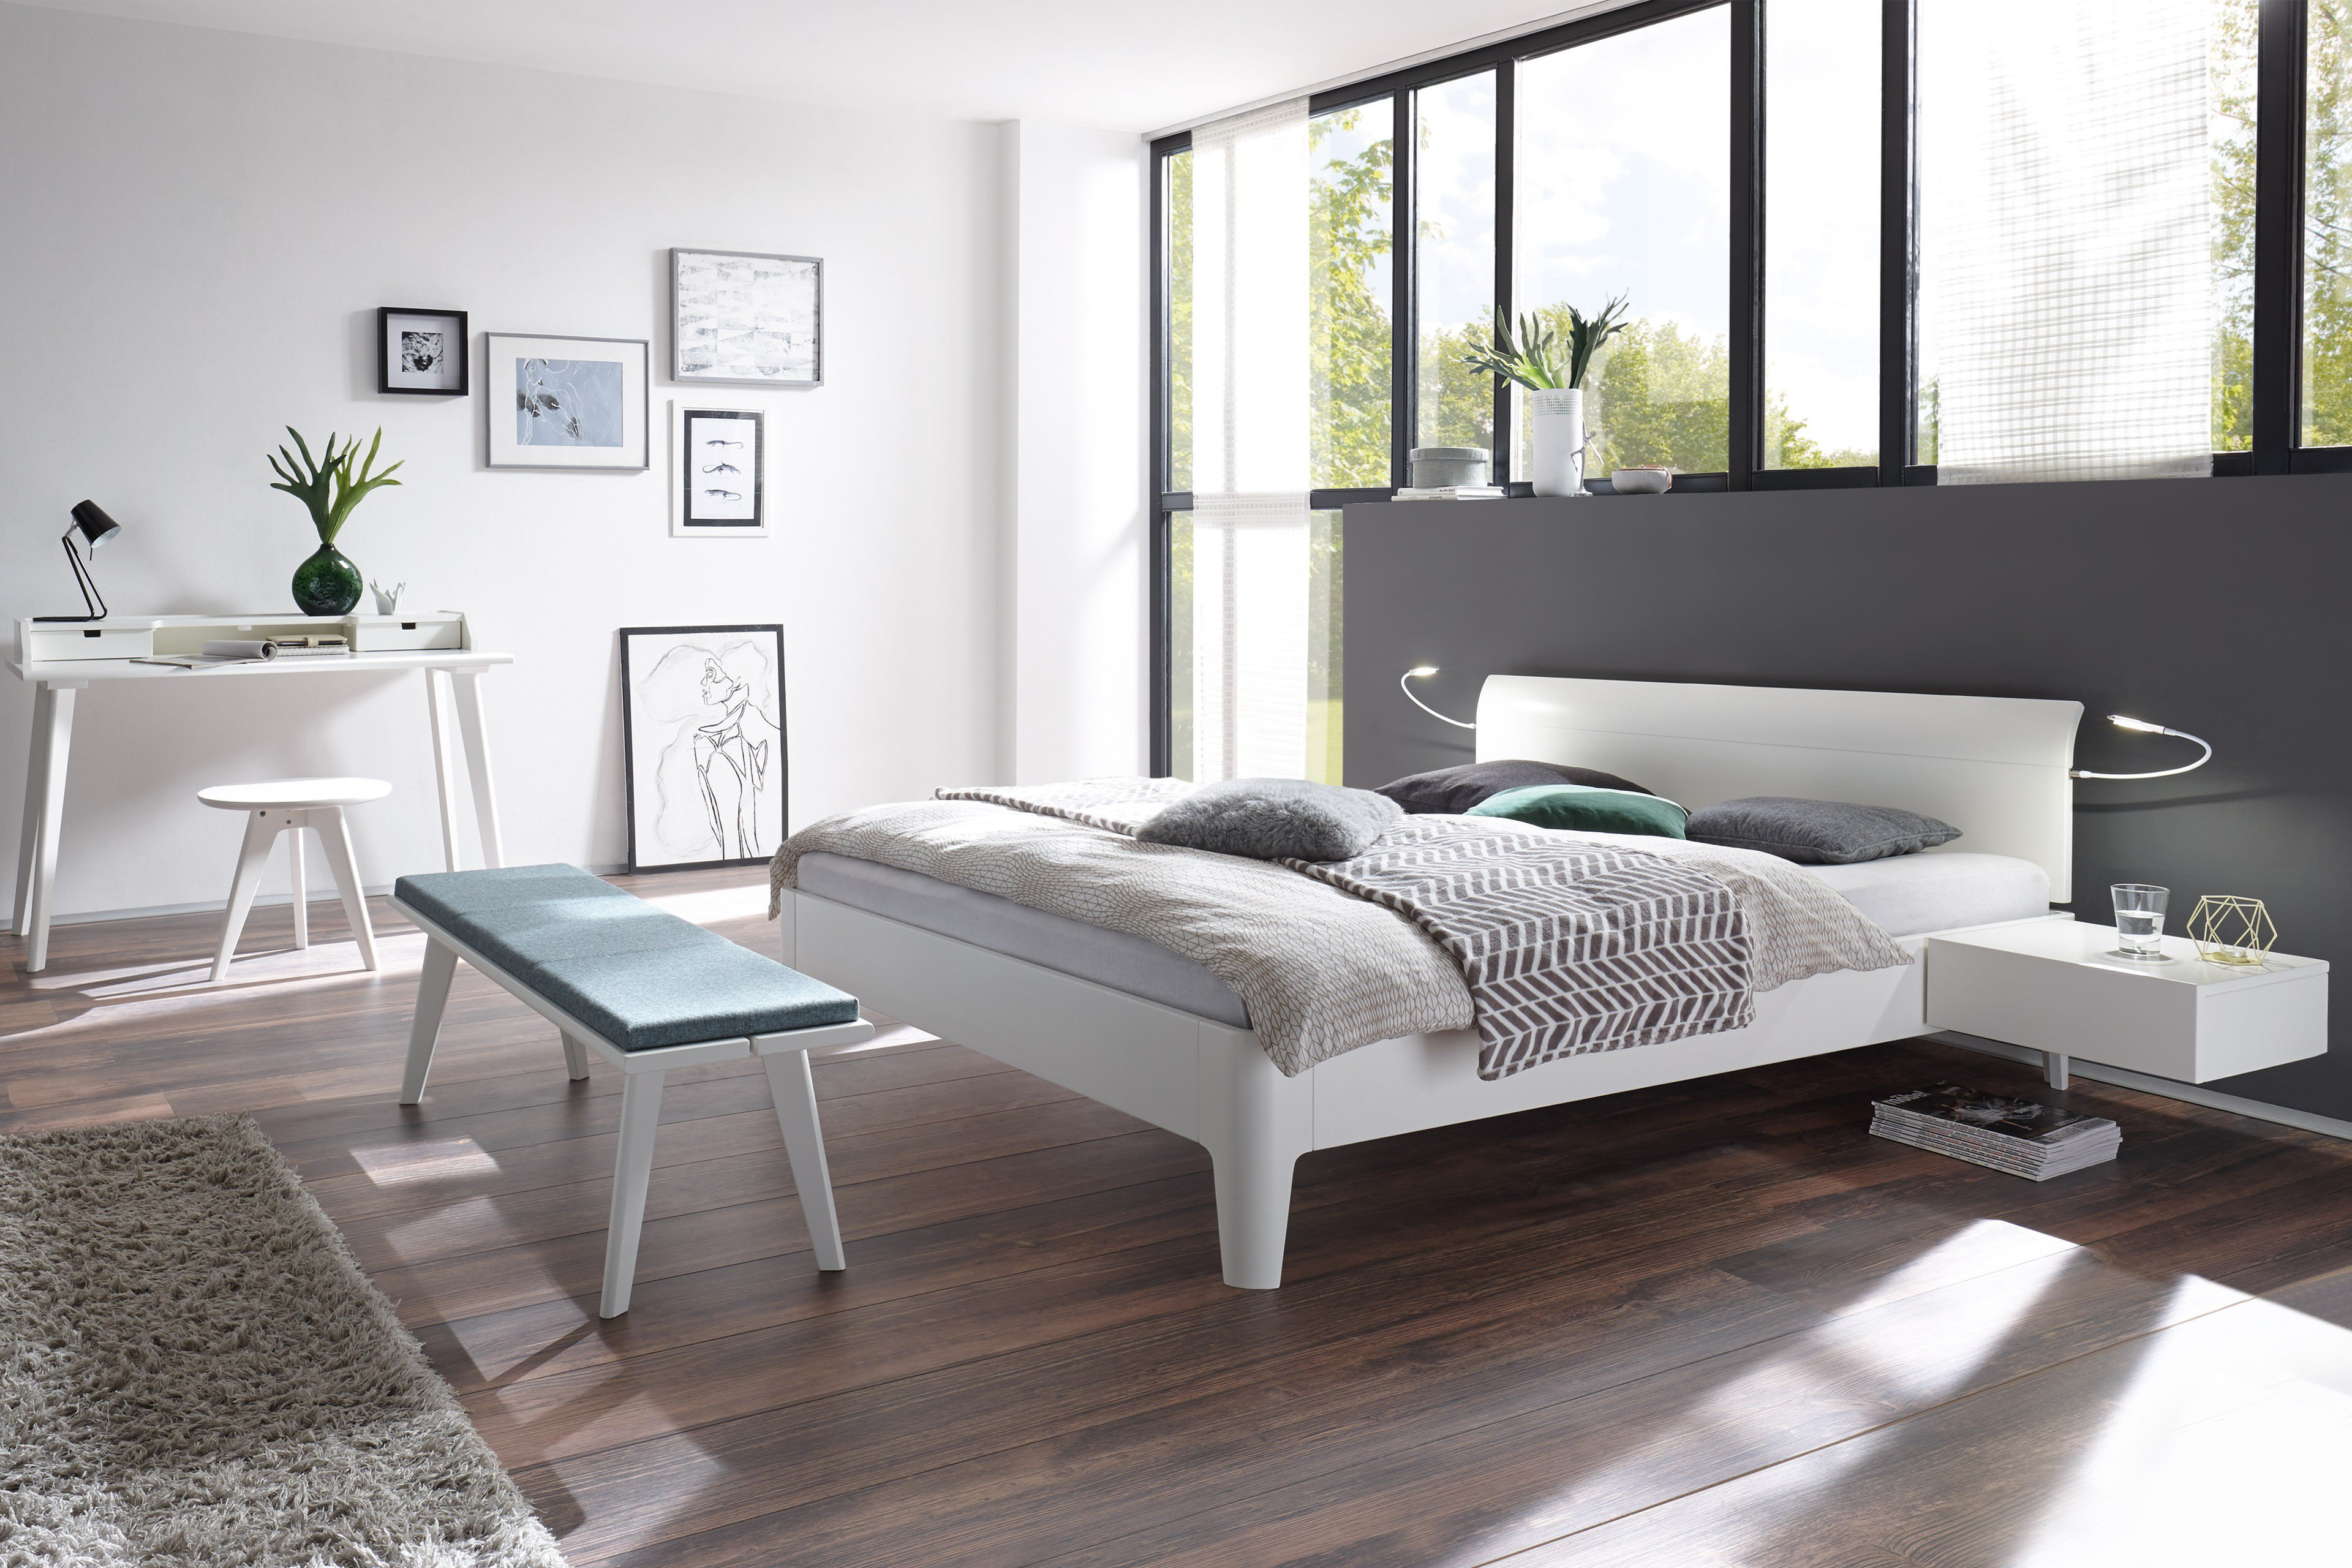 Hasena Fine-Line Bett Buche weiß lackiert | Möbel Letz - Ihr Online-Shop